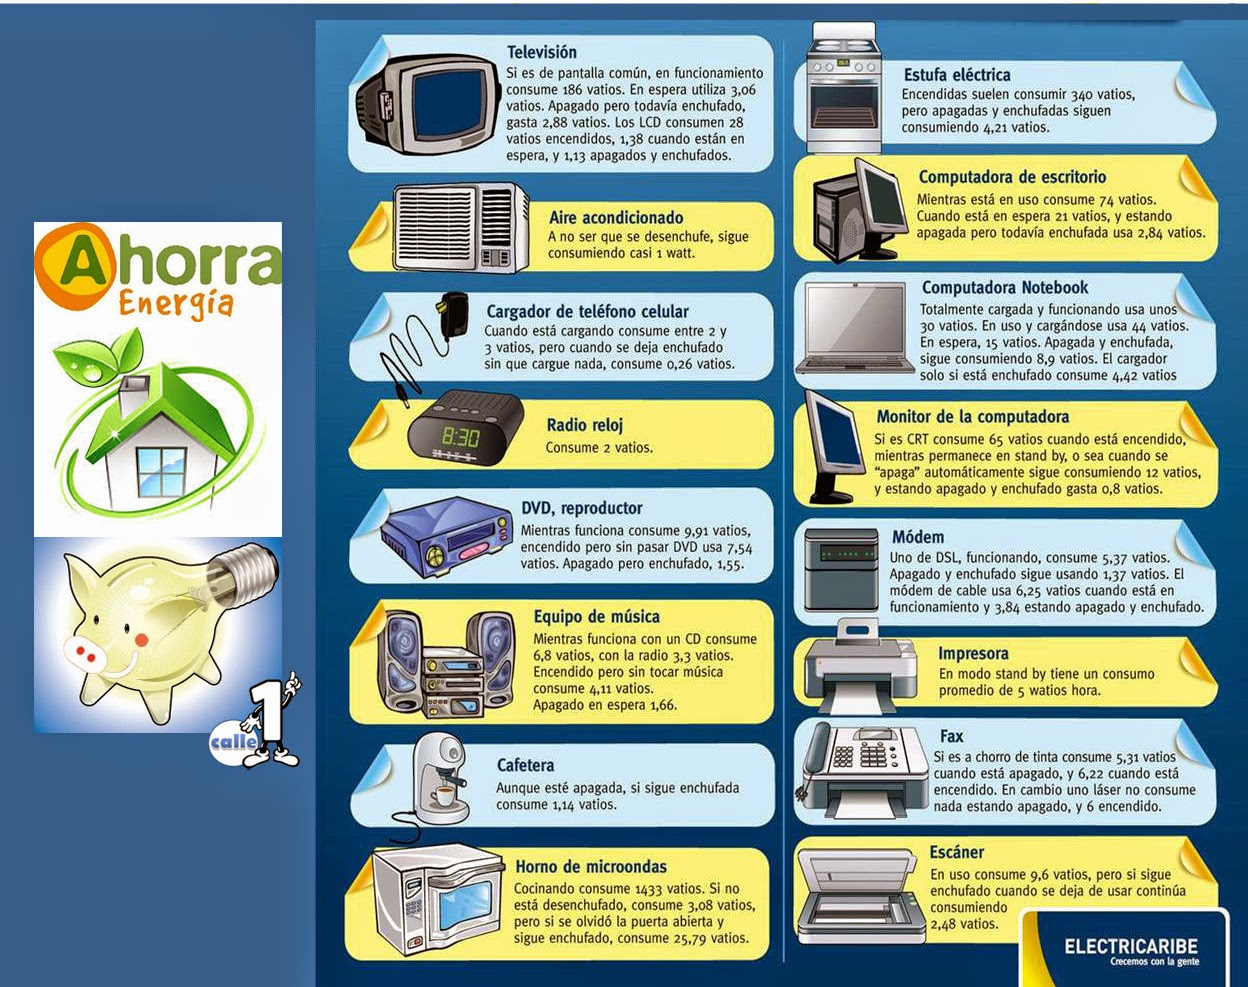 Las gardenias calle 1 consumo de energ a de electrodomesticos - Lo ultimo en electrodomesticos ...